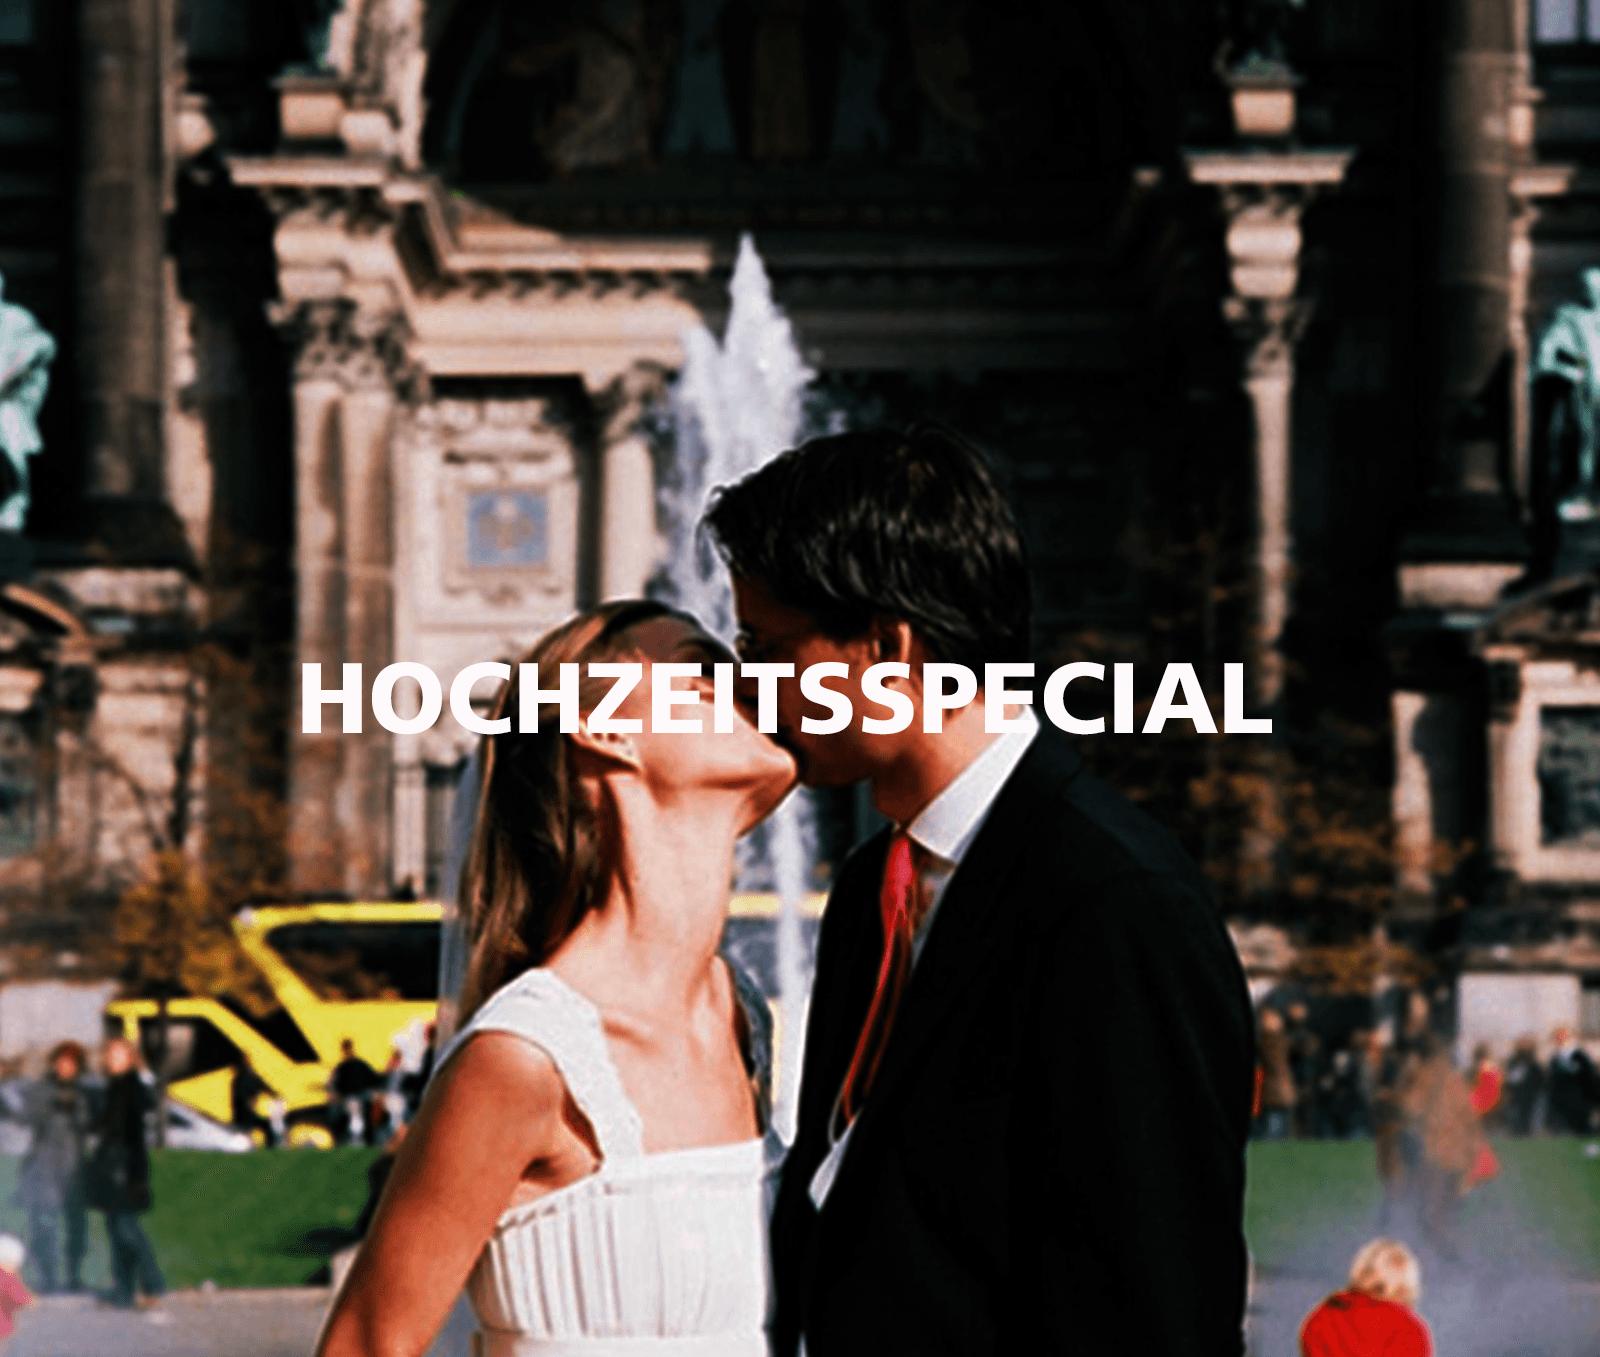 FLORIS Hochzeitsspecial Hochzeitsscatering